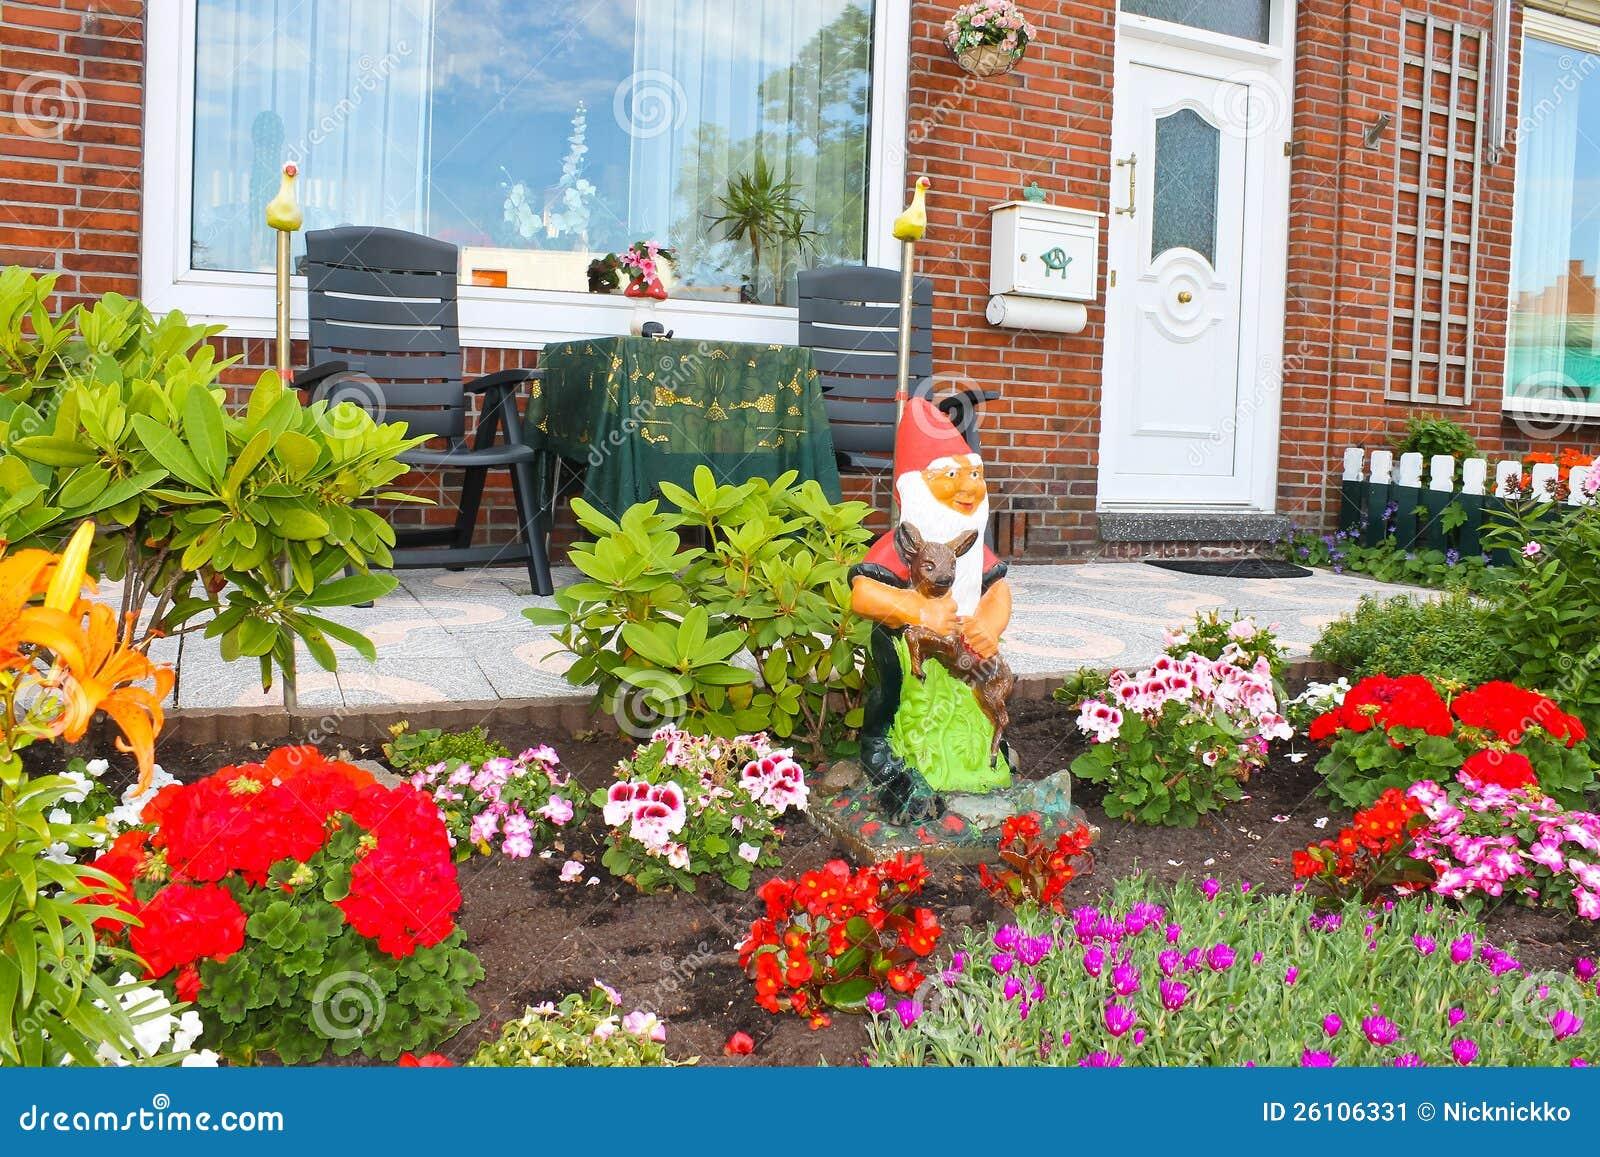 piccolo giardino davanti alla casa olandese immagine